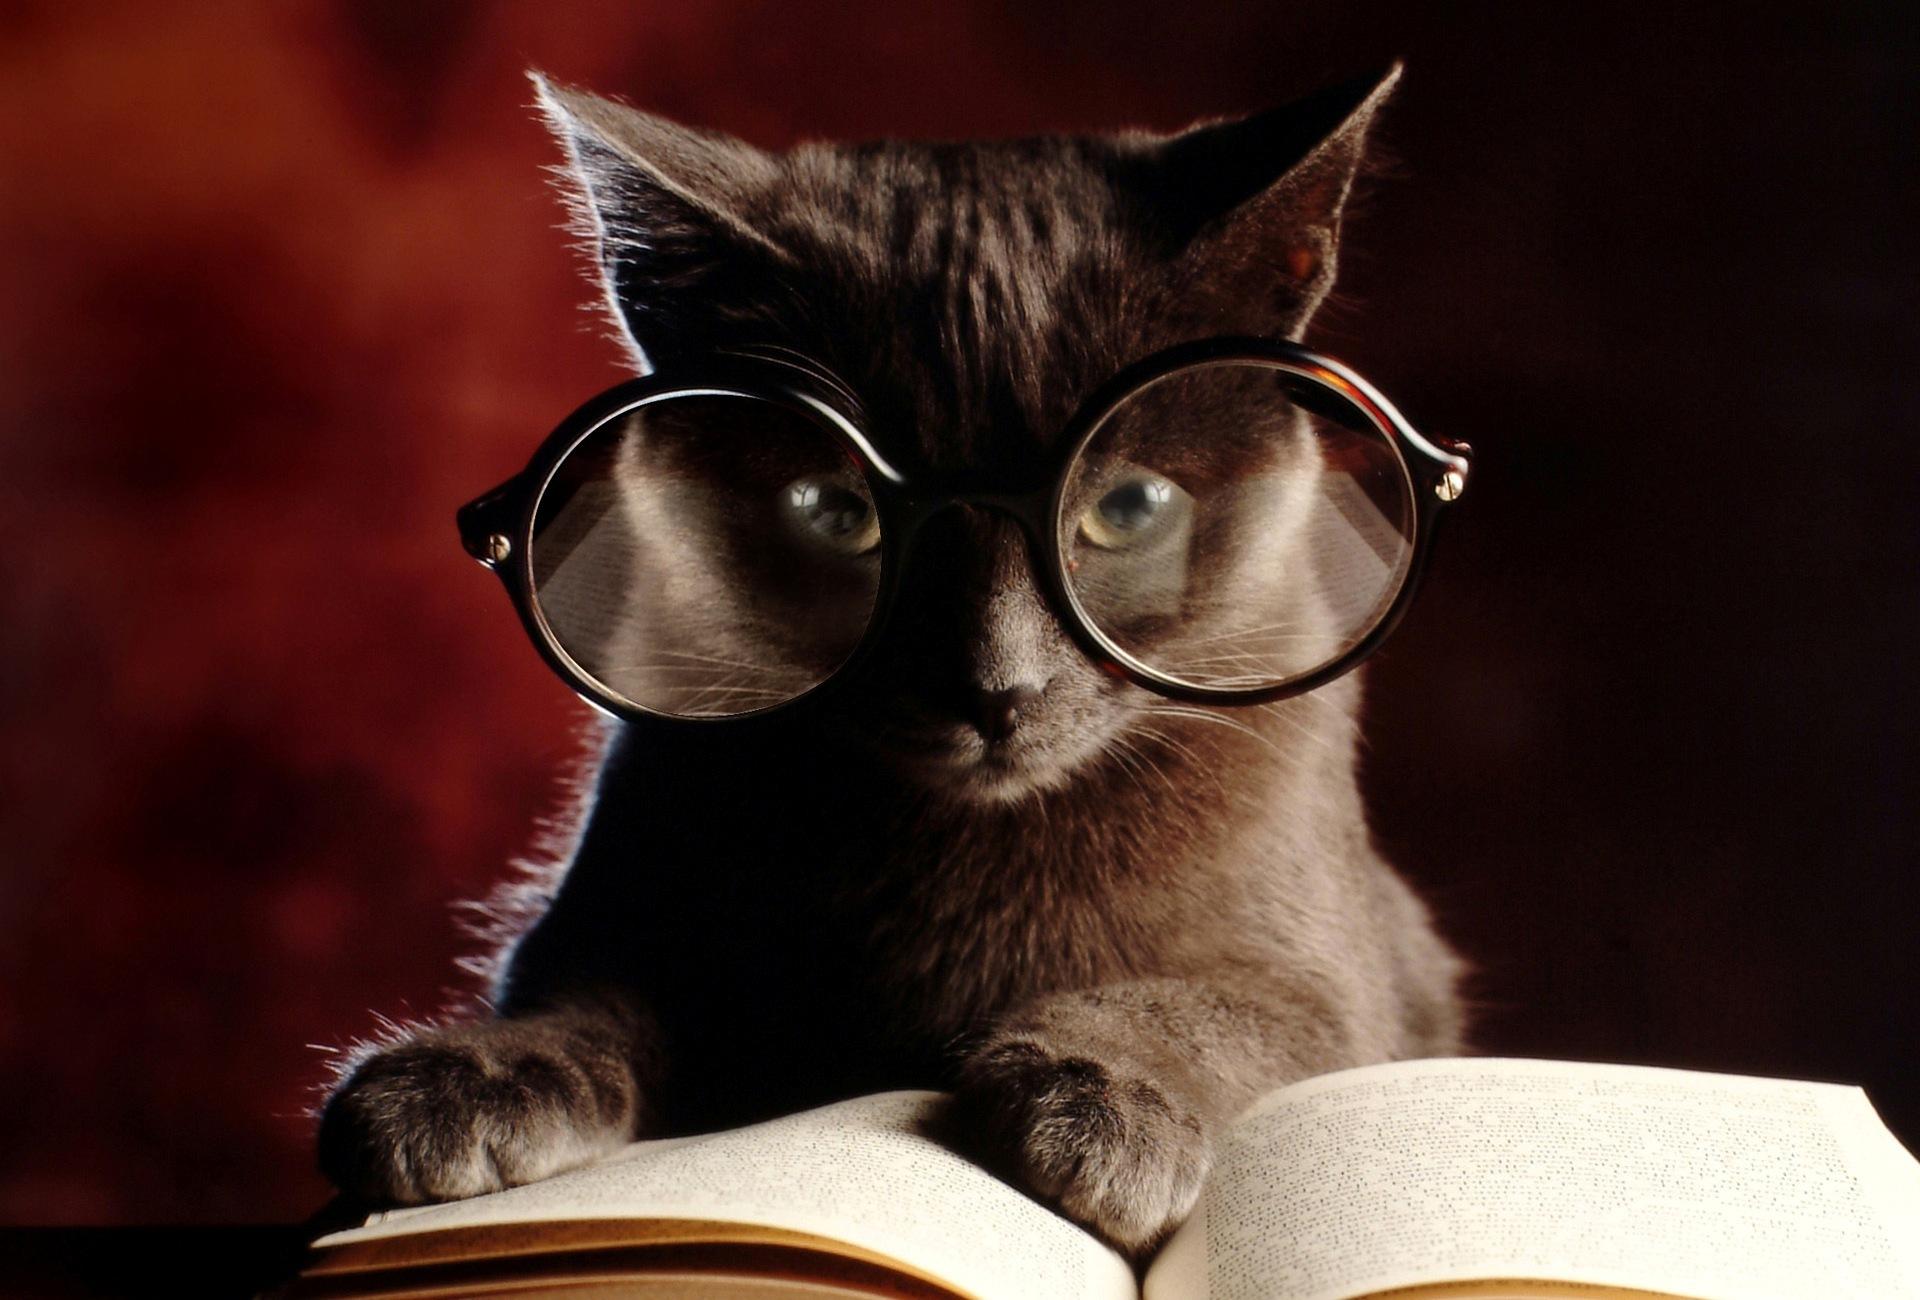 Открыток создать, смешные картинки кошек в очках